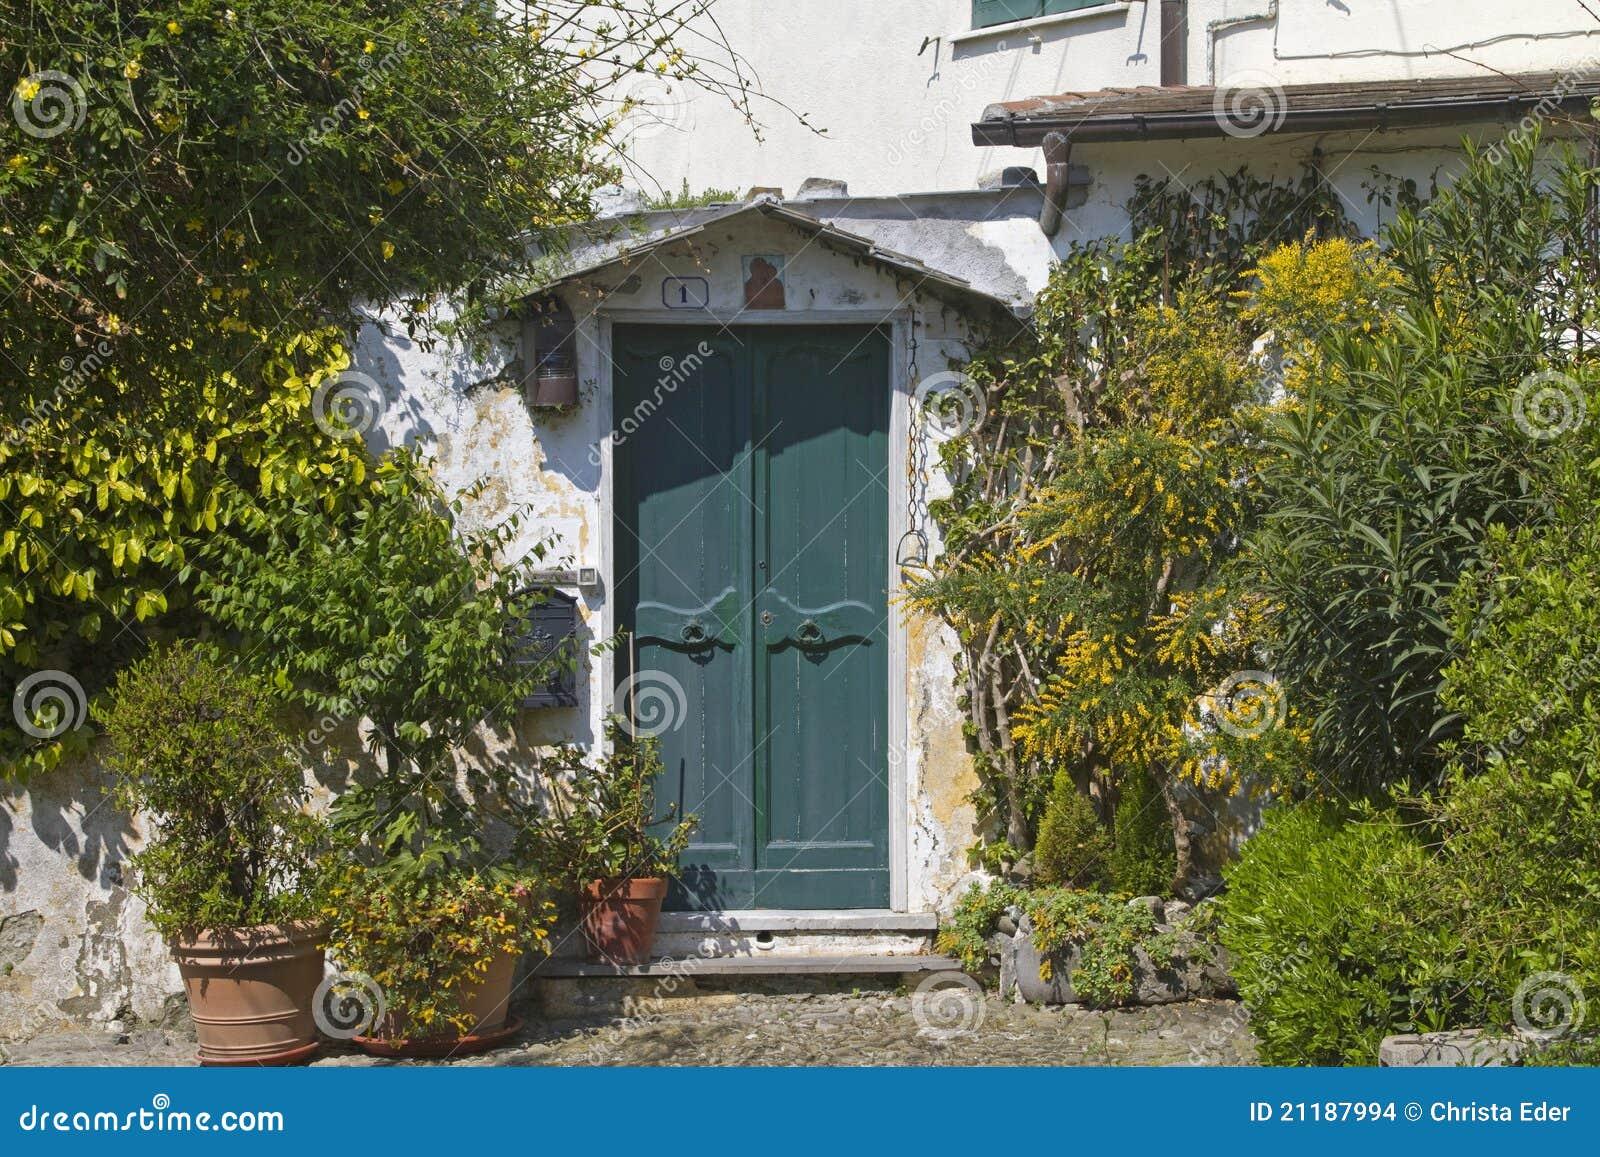 Entrance door in Levante